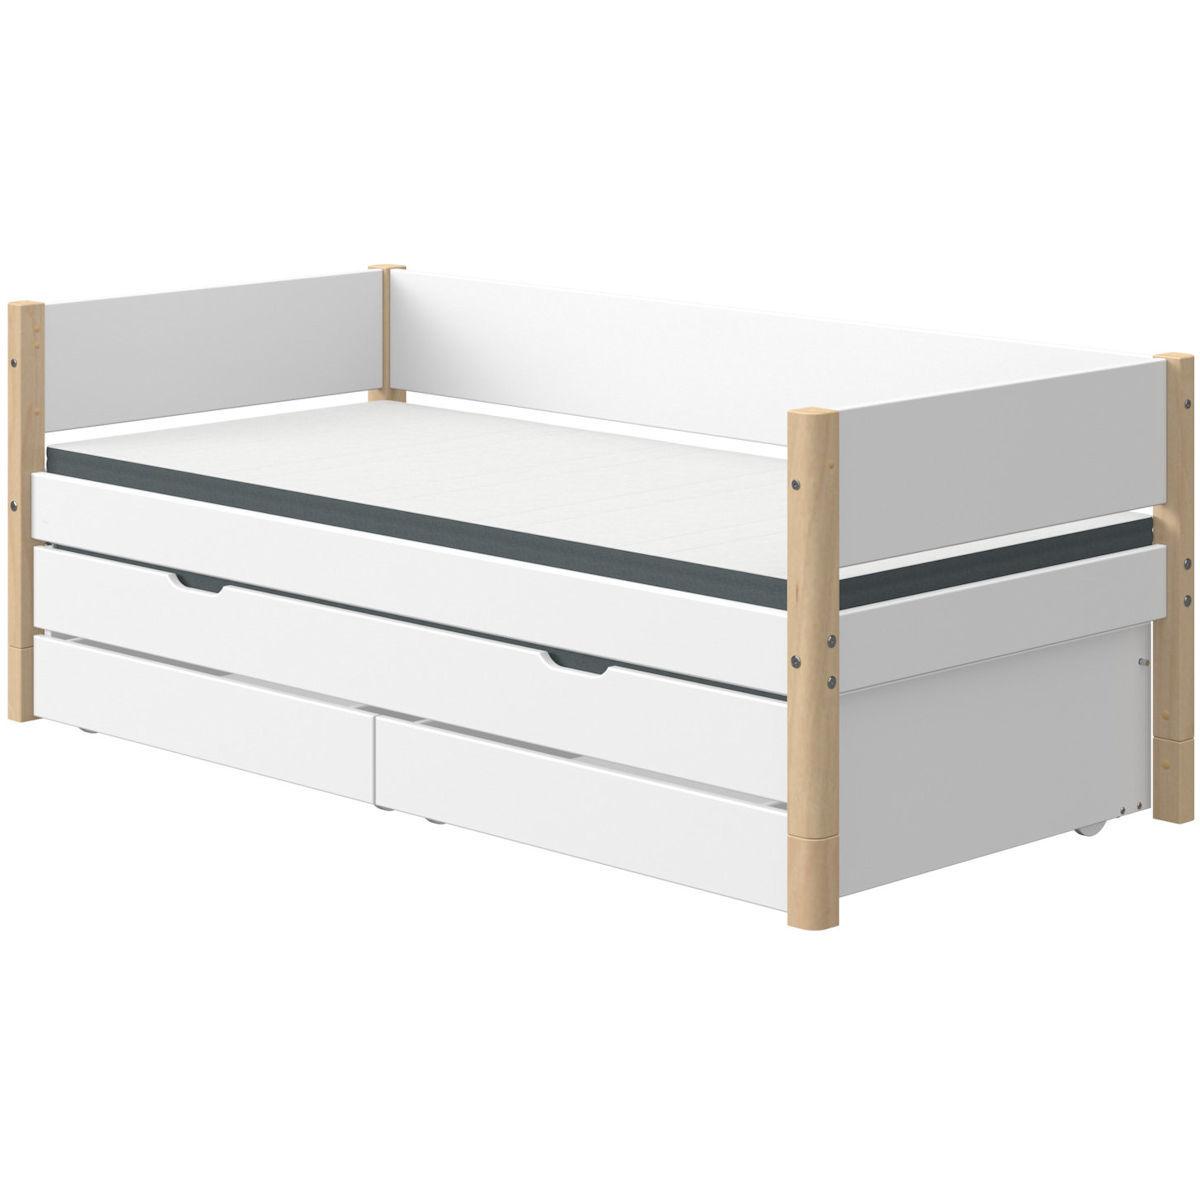 white einzelbett 90x200 g steb 2 sch be wei birke 789. Black Bedroom Furniture Sets. Home Design Ideas